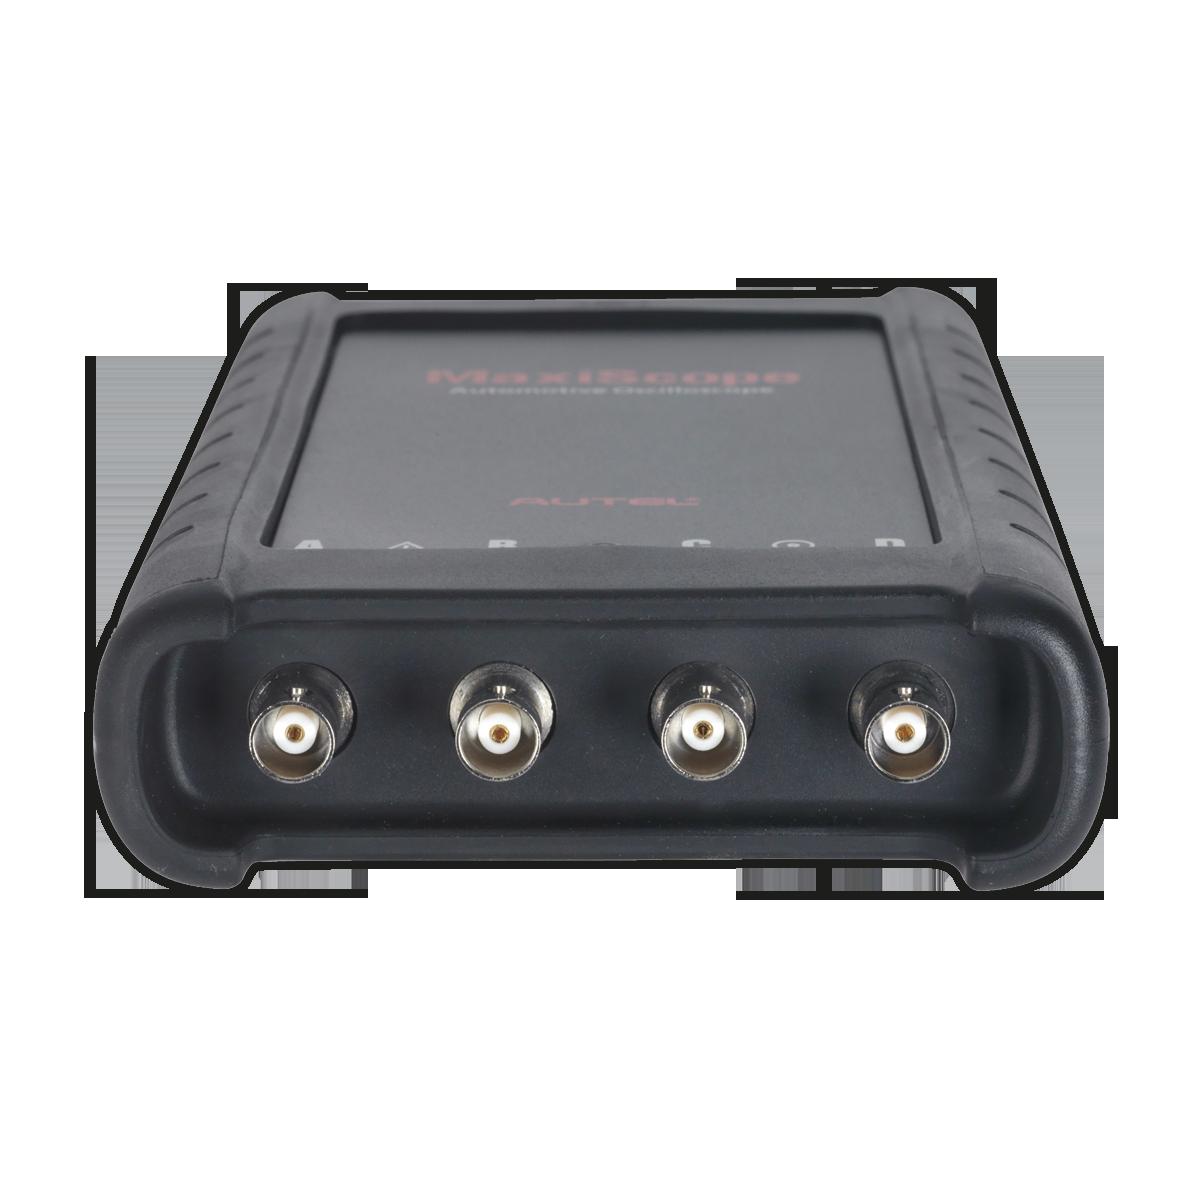 Autel MaxiScope - Automotive Oscilloscope